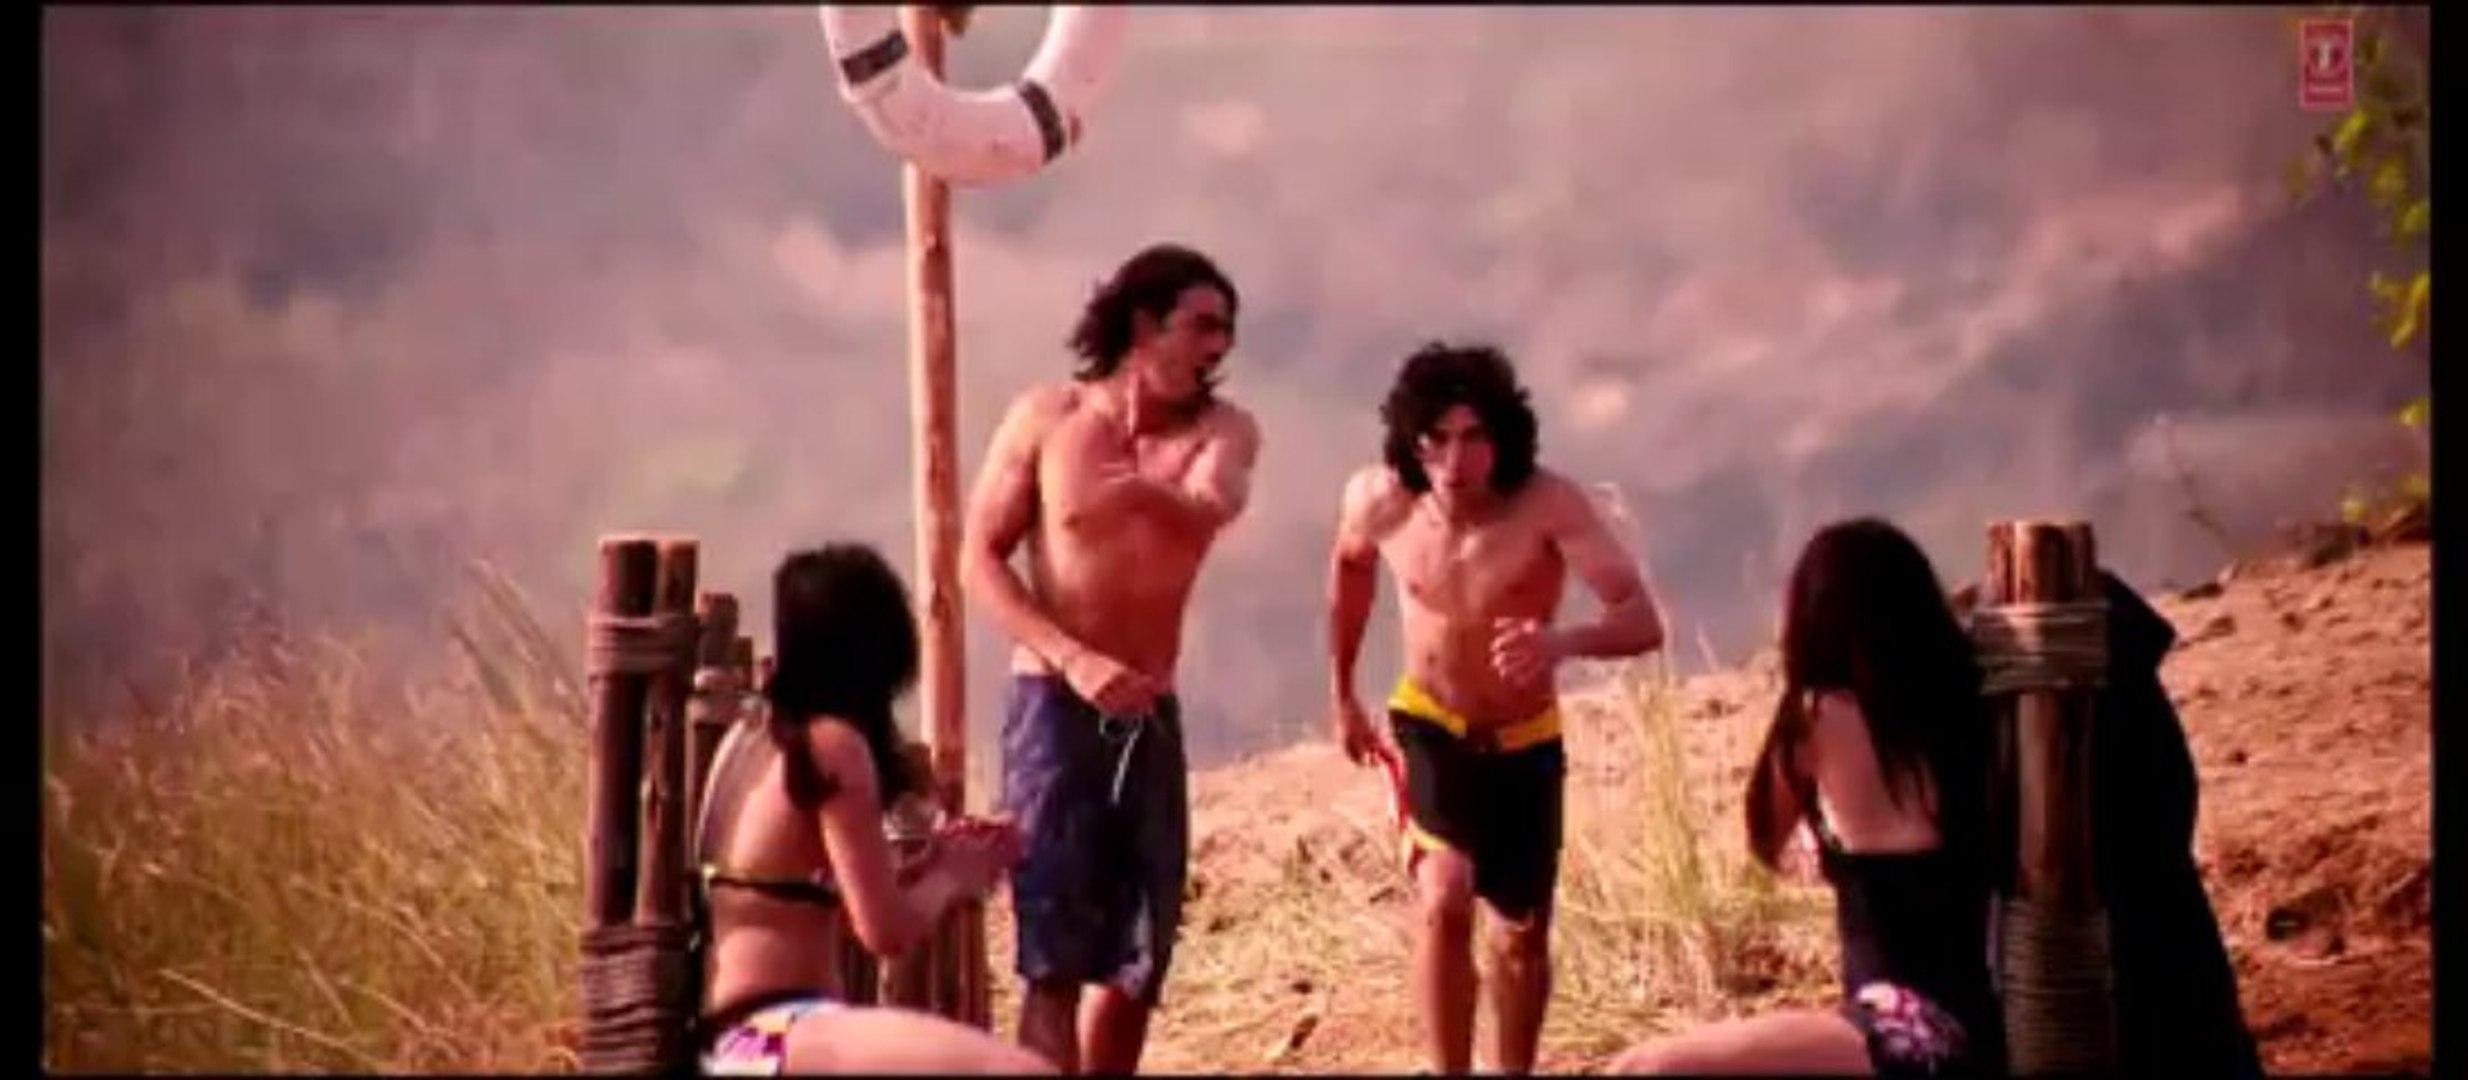 Rock On Title Song [Full Video Song] - Rock On!! (2008) Feat. Arjun Rampal - Farhan Akhtar [FULL HD]